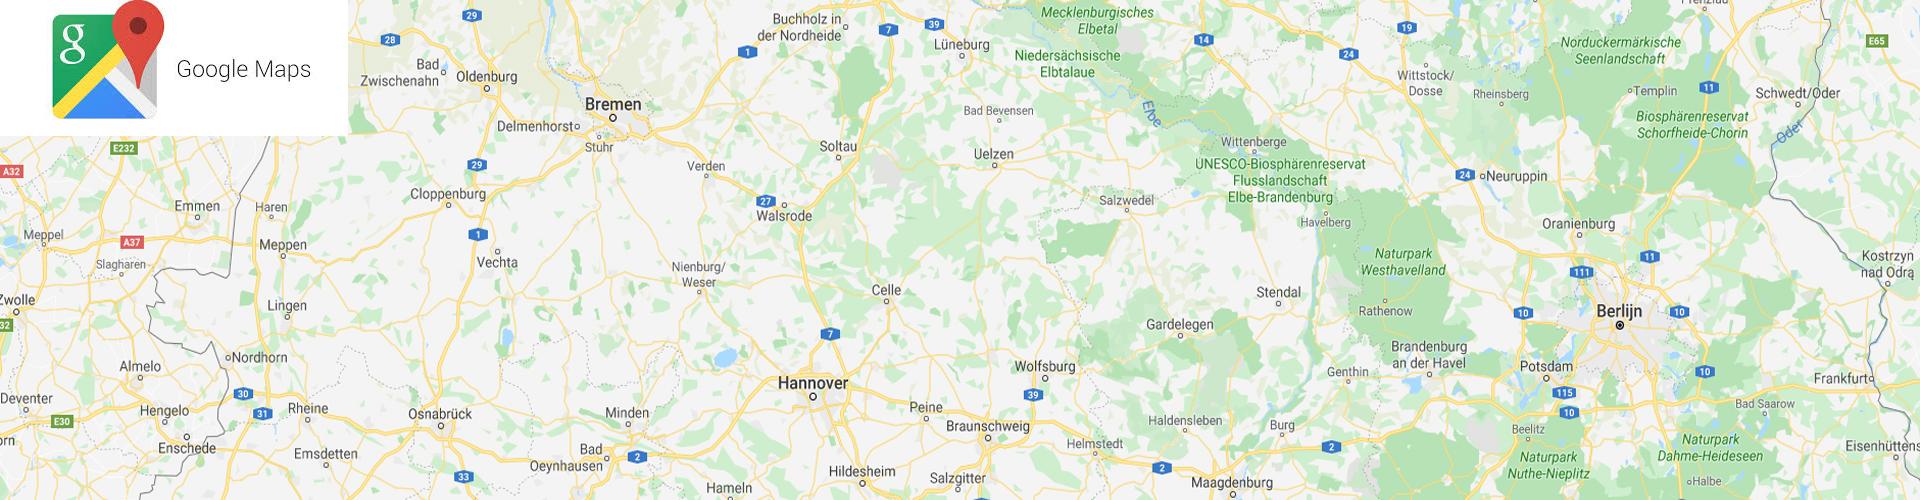 Berechnung kilometerentfernungen Deutschland